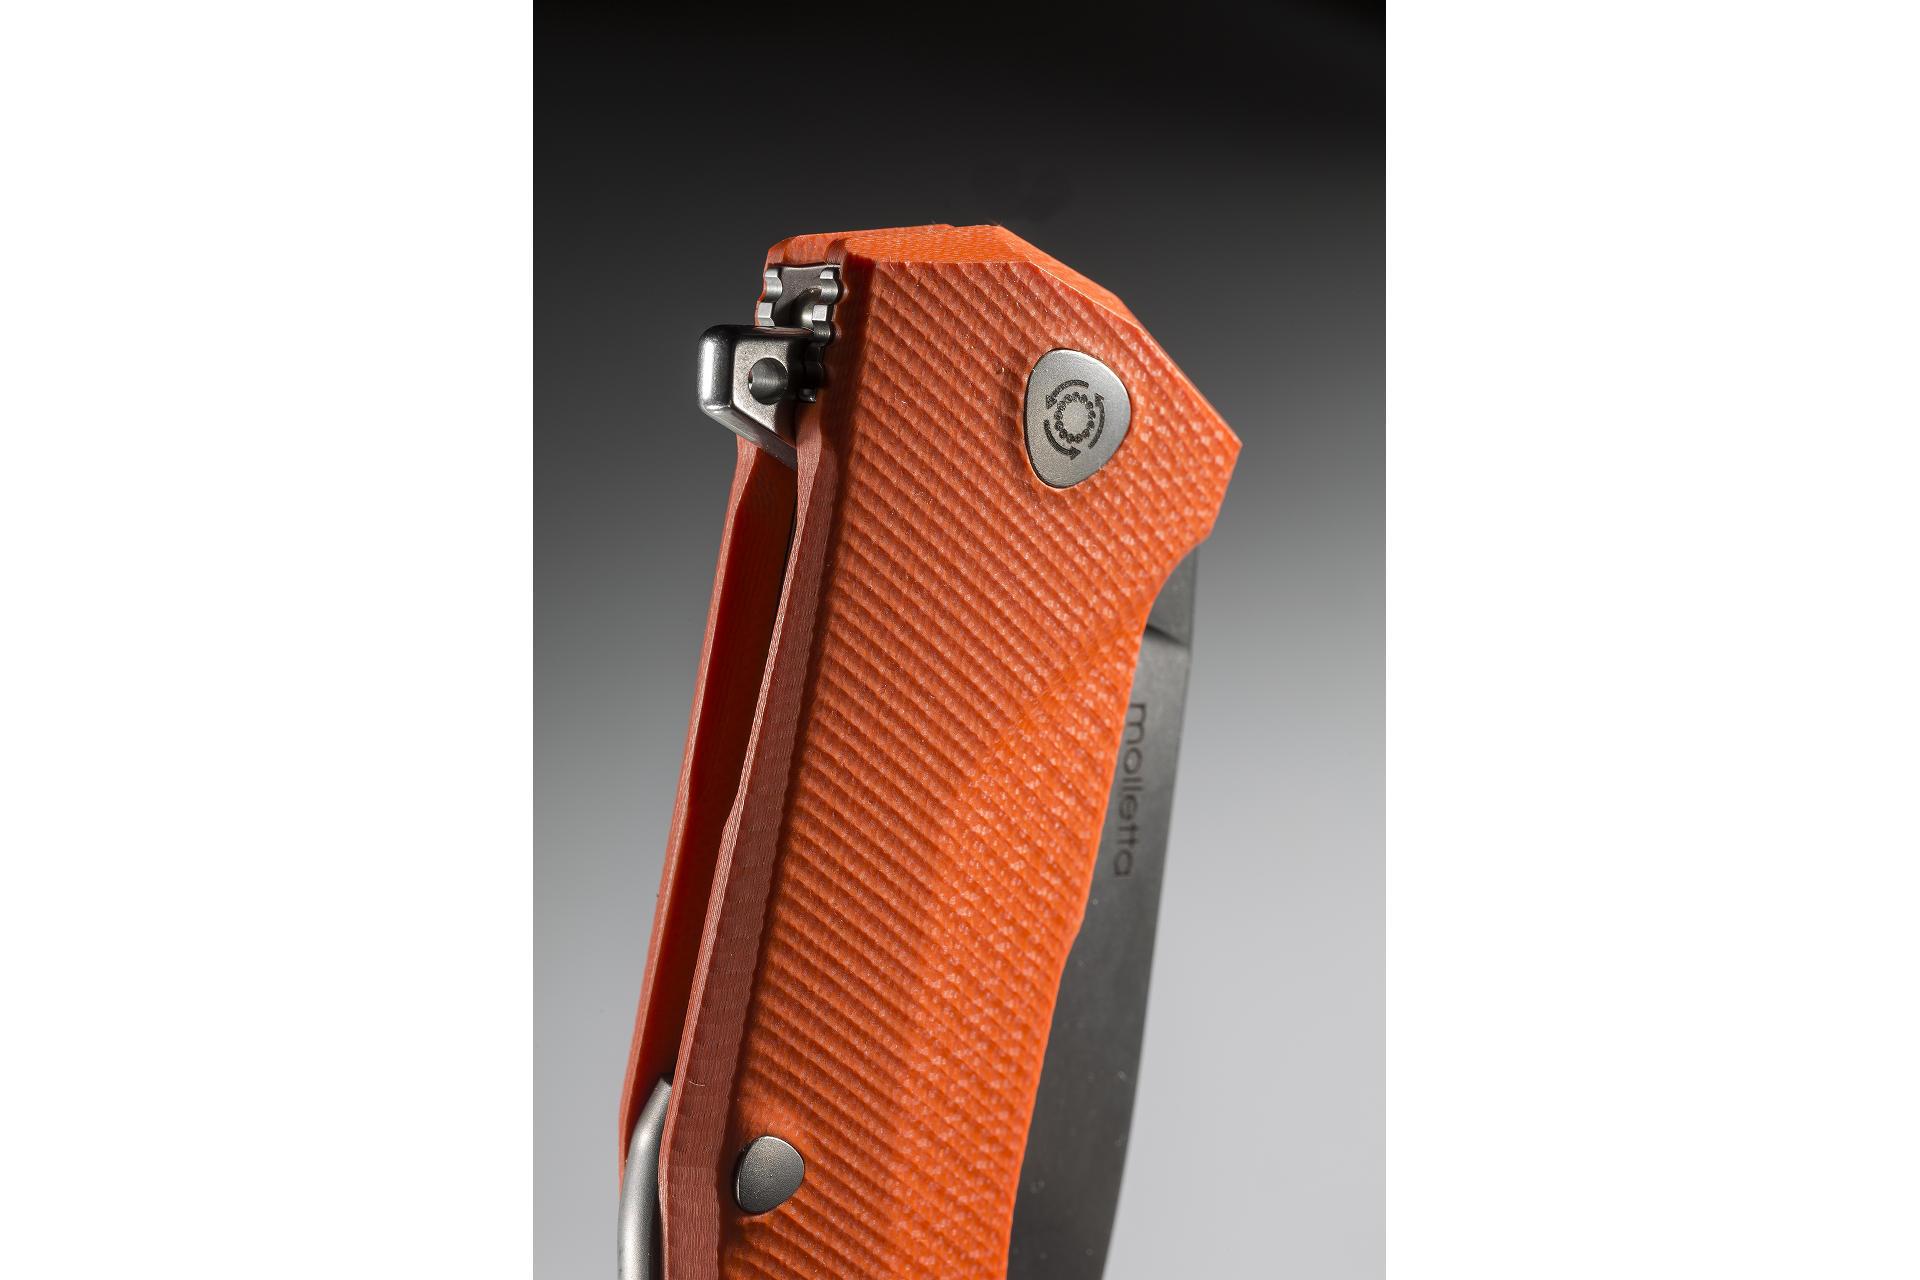 Фото 7 - Нож складной LionSteel KUR OR G10 Orange Flipper, сталь Uddeholm Sleipner®, стеклотекстолит, оранжевый от Lion Steel